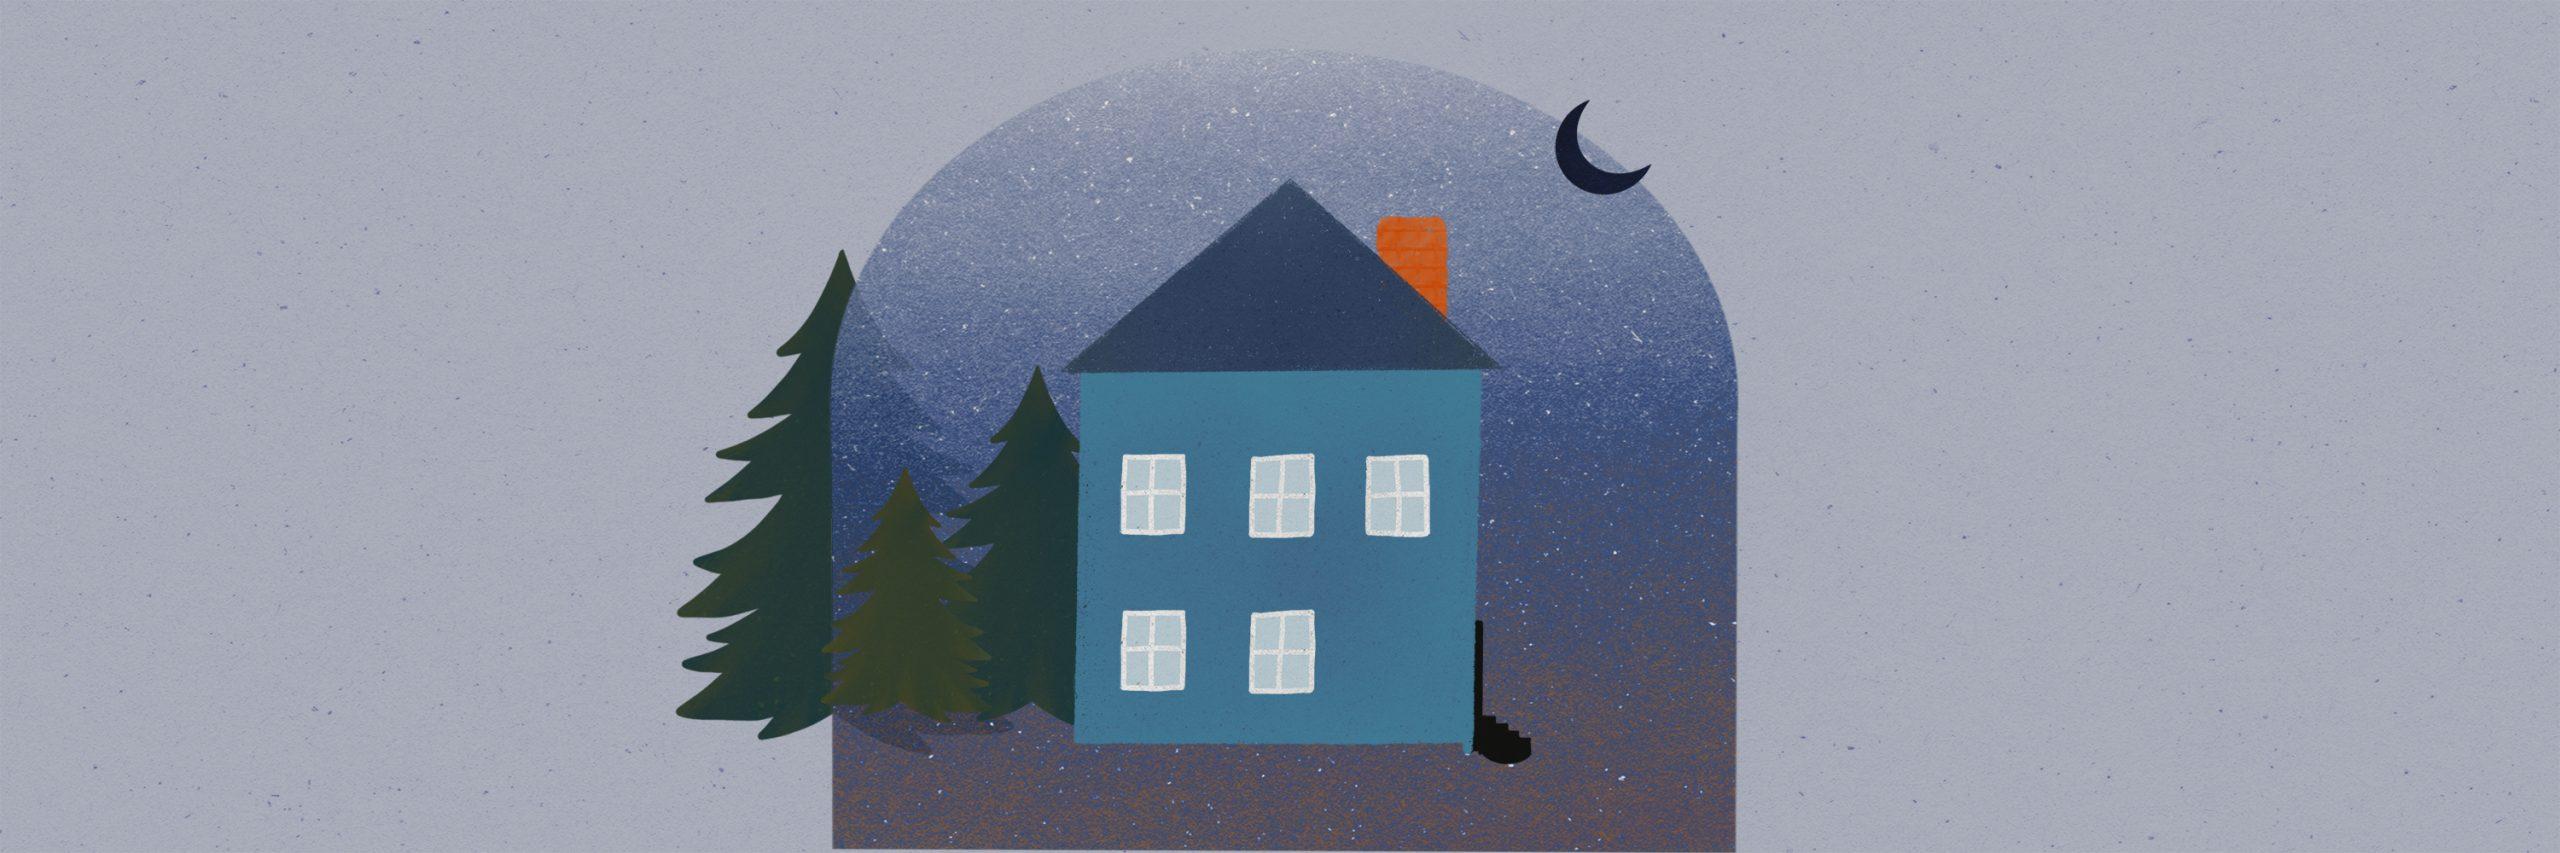 Zimny dom, czyli o braku rodzinnych relacji